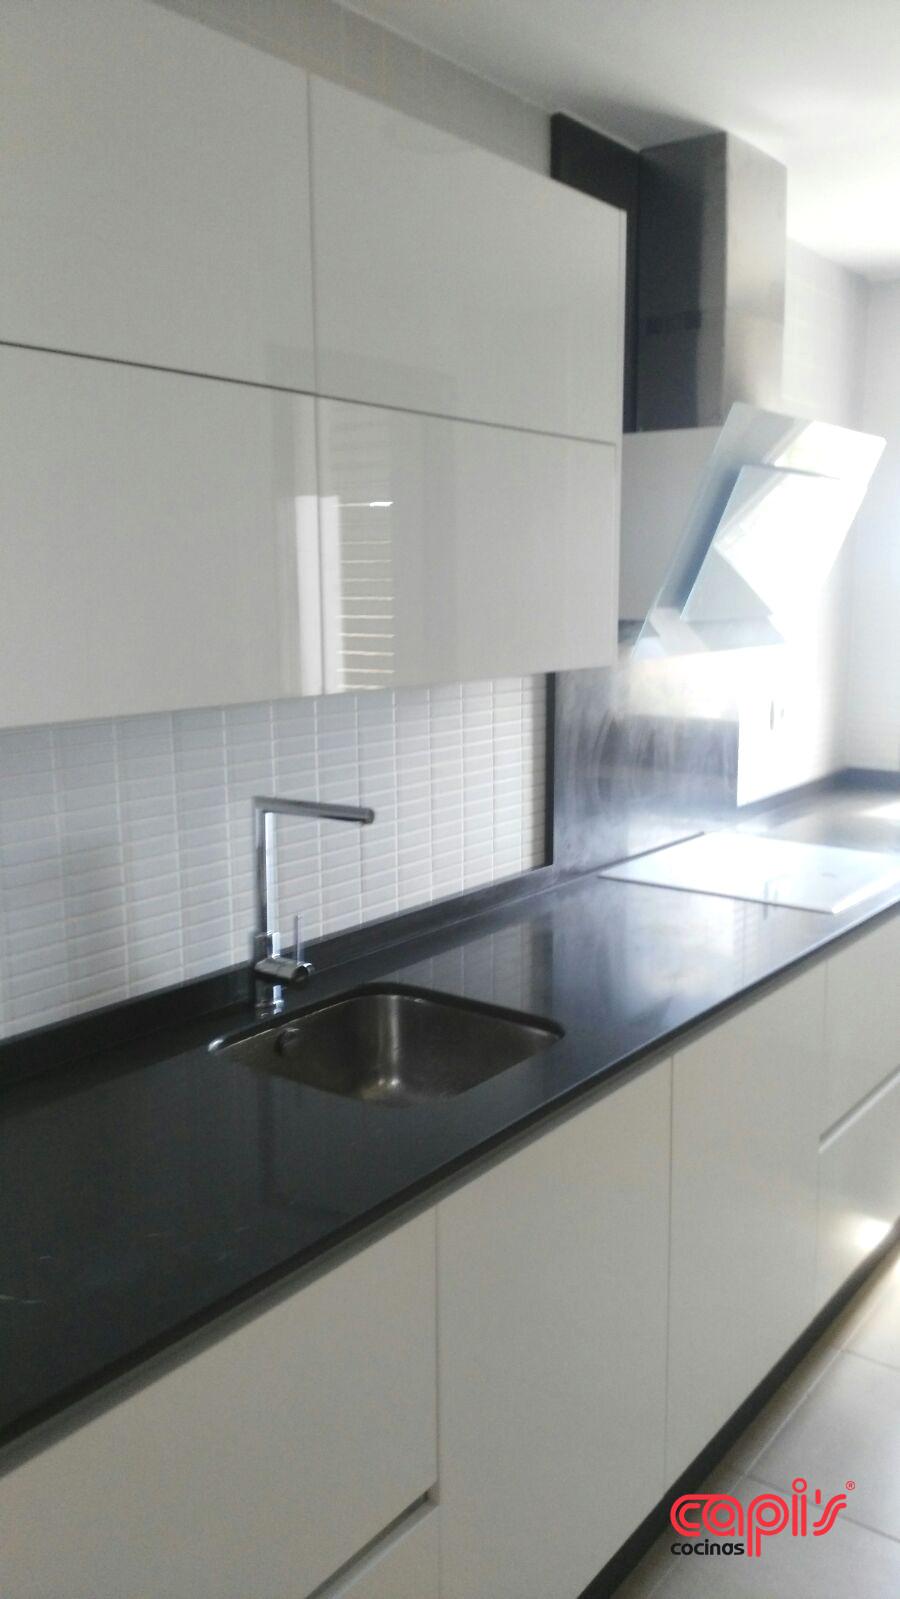 Cocina blanca y marengo cocinas capis dise o y Disenos de cocinas integrales blancas